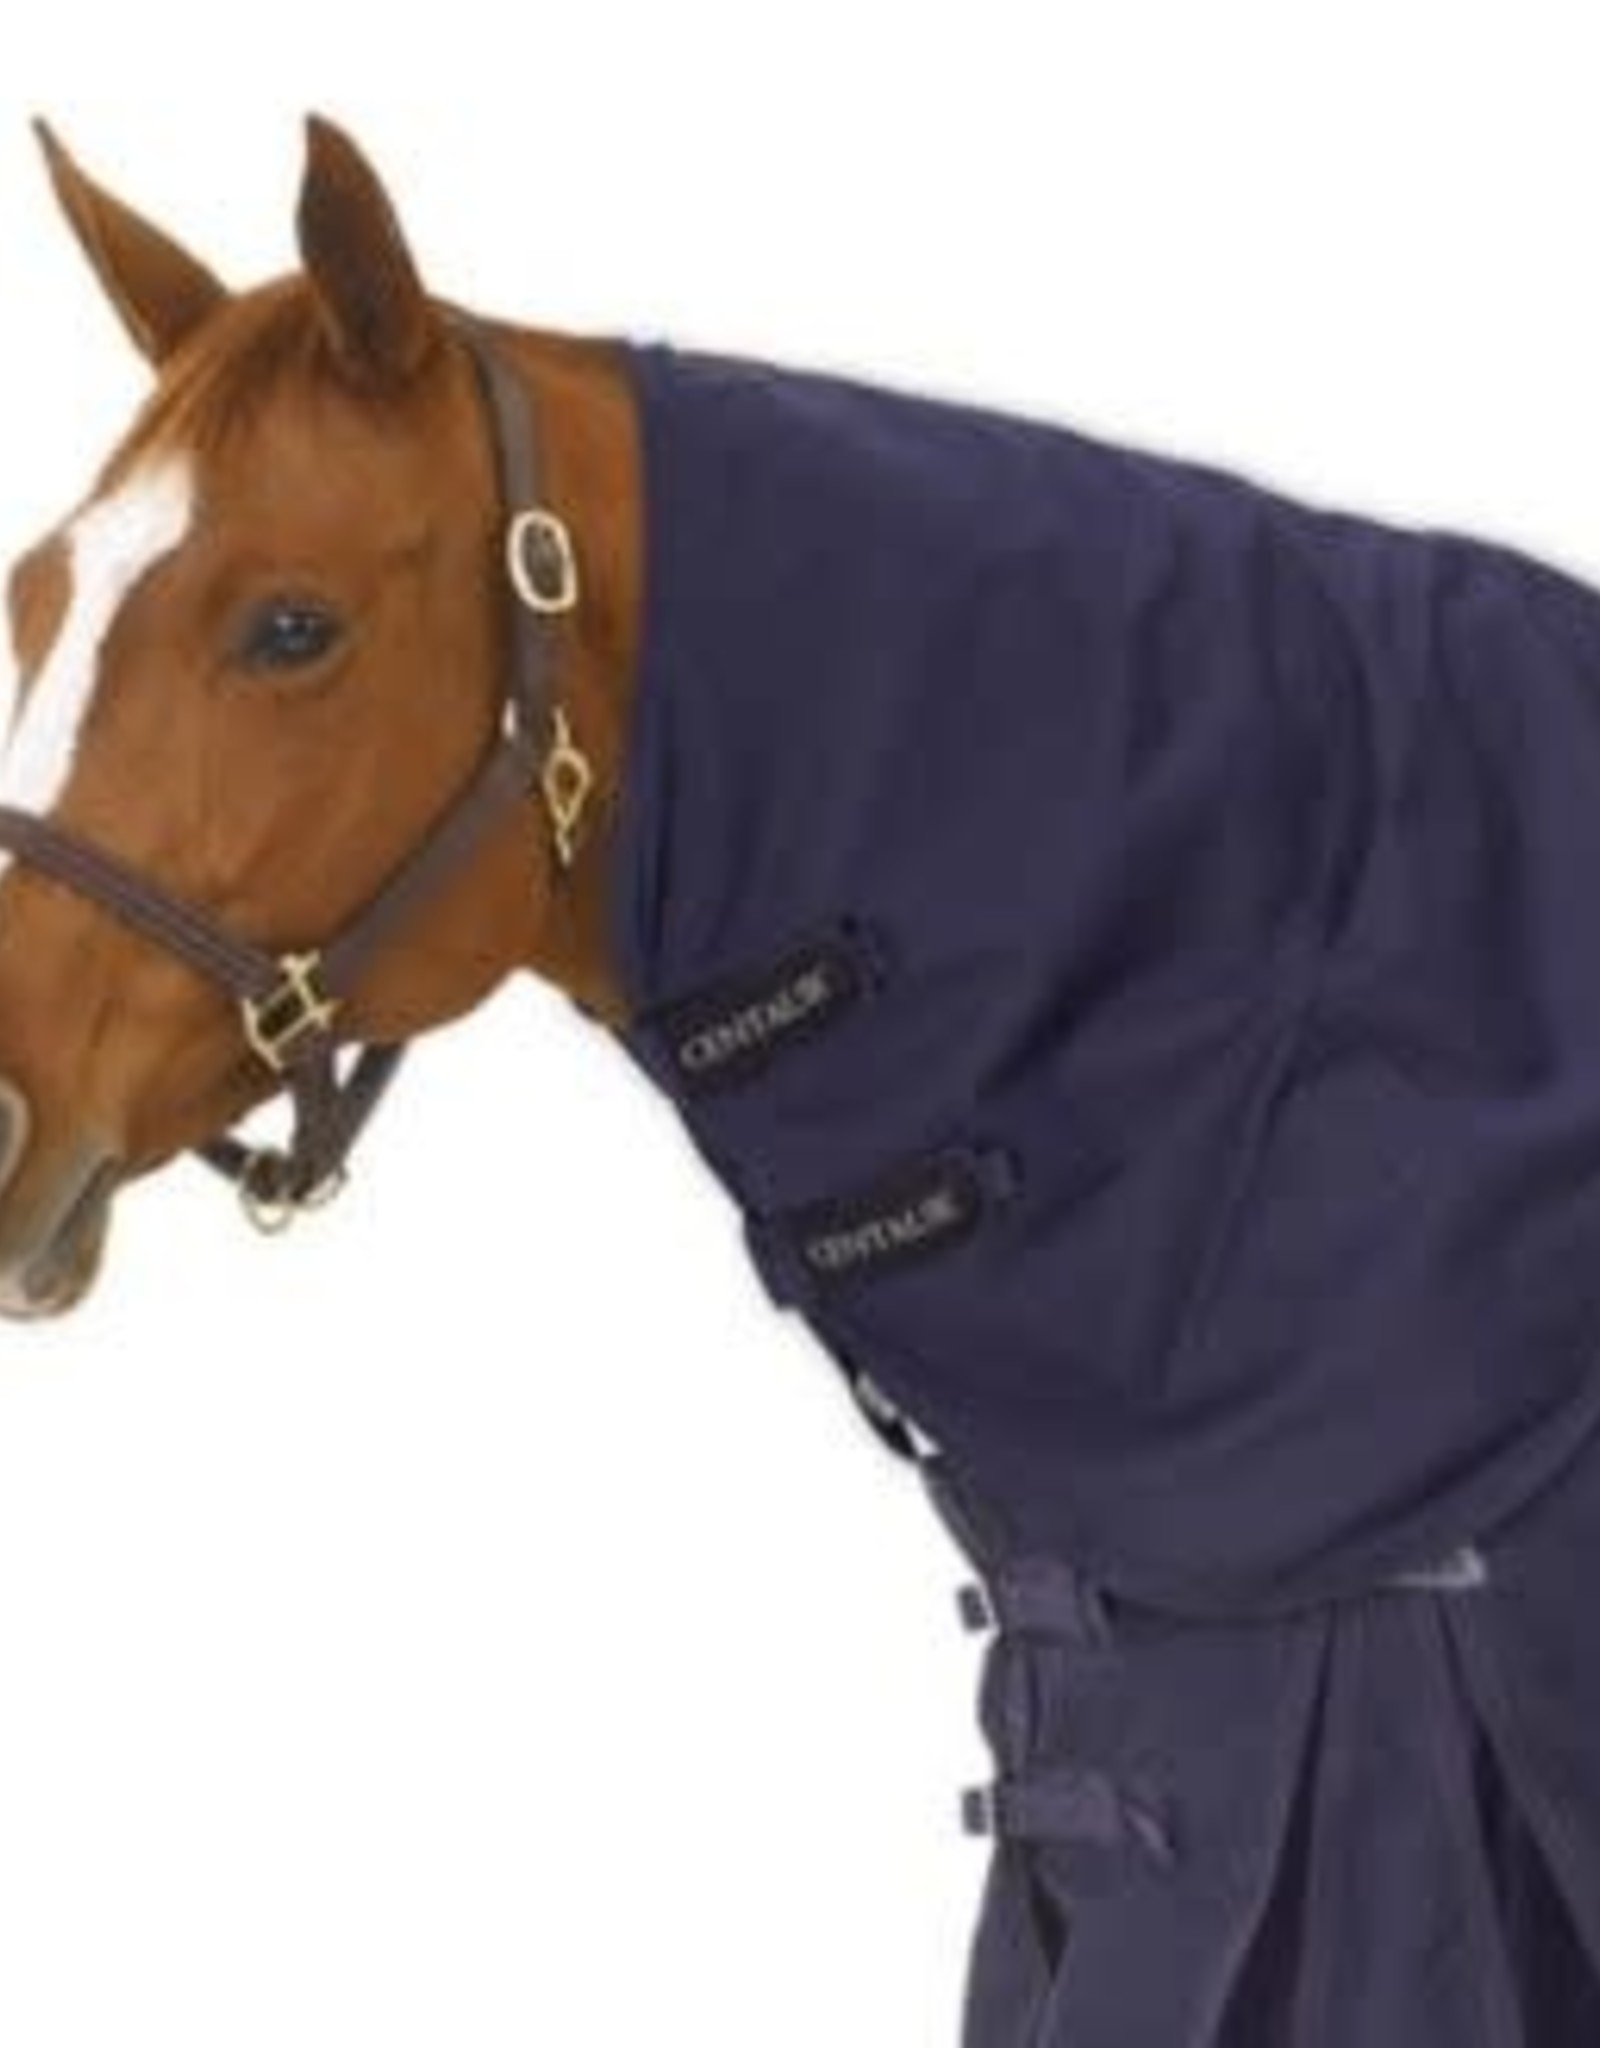 Centaur Neck Cover Centaur-no fill